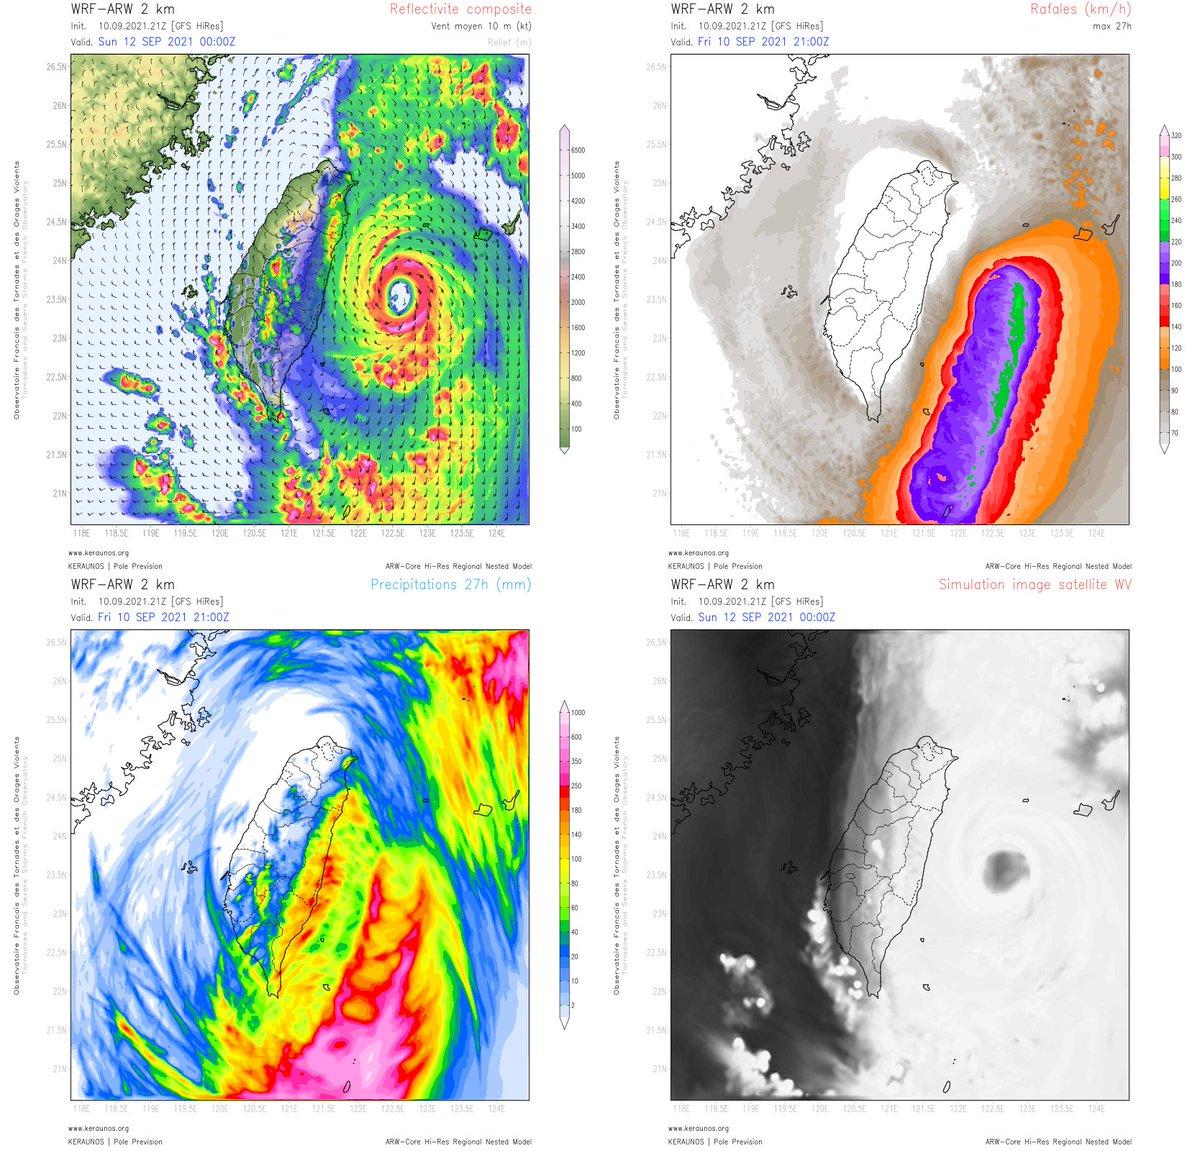 Les vents les plus violents du super #typhon #Chanthu devraient épargner #Taiwan de justesse demain (rafales > 240 km/h au large). Le dernier run ARW 2 km laisse toutefois craindre des #pluies  intenses sur l'est de l'île (loc > 200 mm en 24h, notamment sur le comté d'#Hualien).